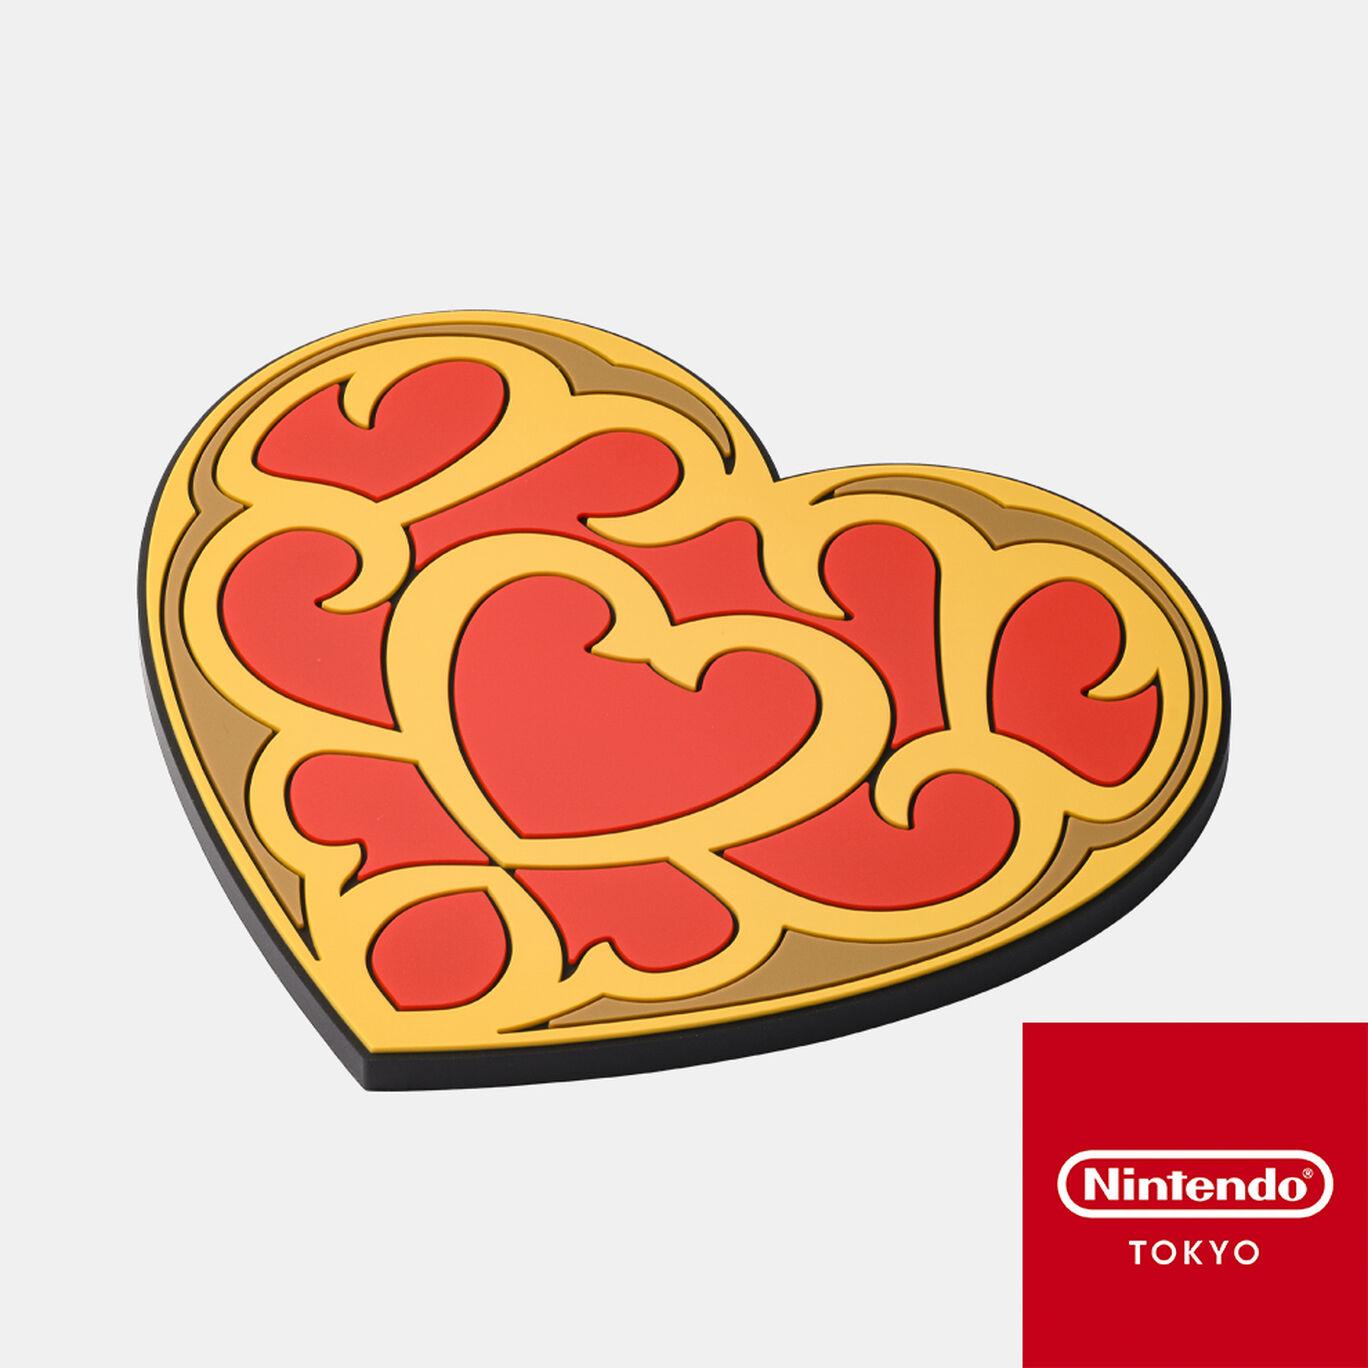 ラバーコースター ゼルダの伝説 C【Nintendo TOKYO取り扱い商品】